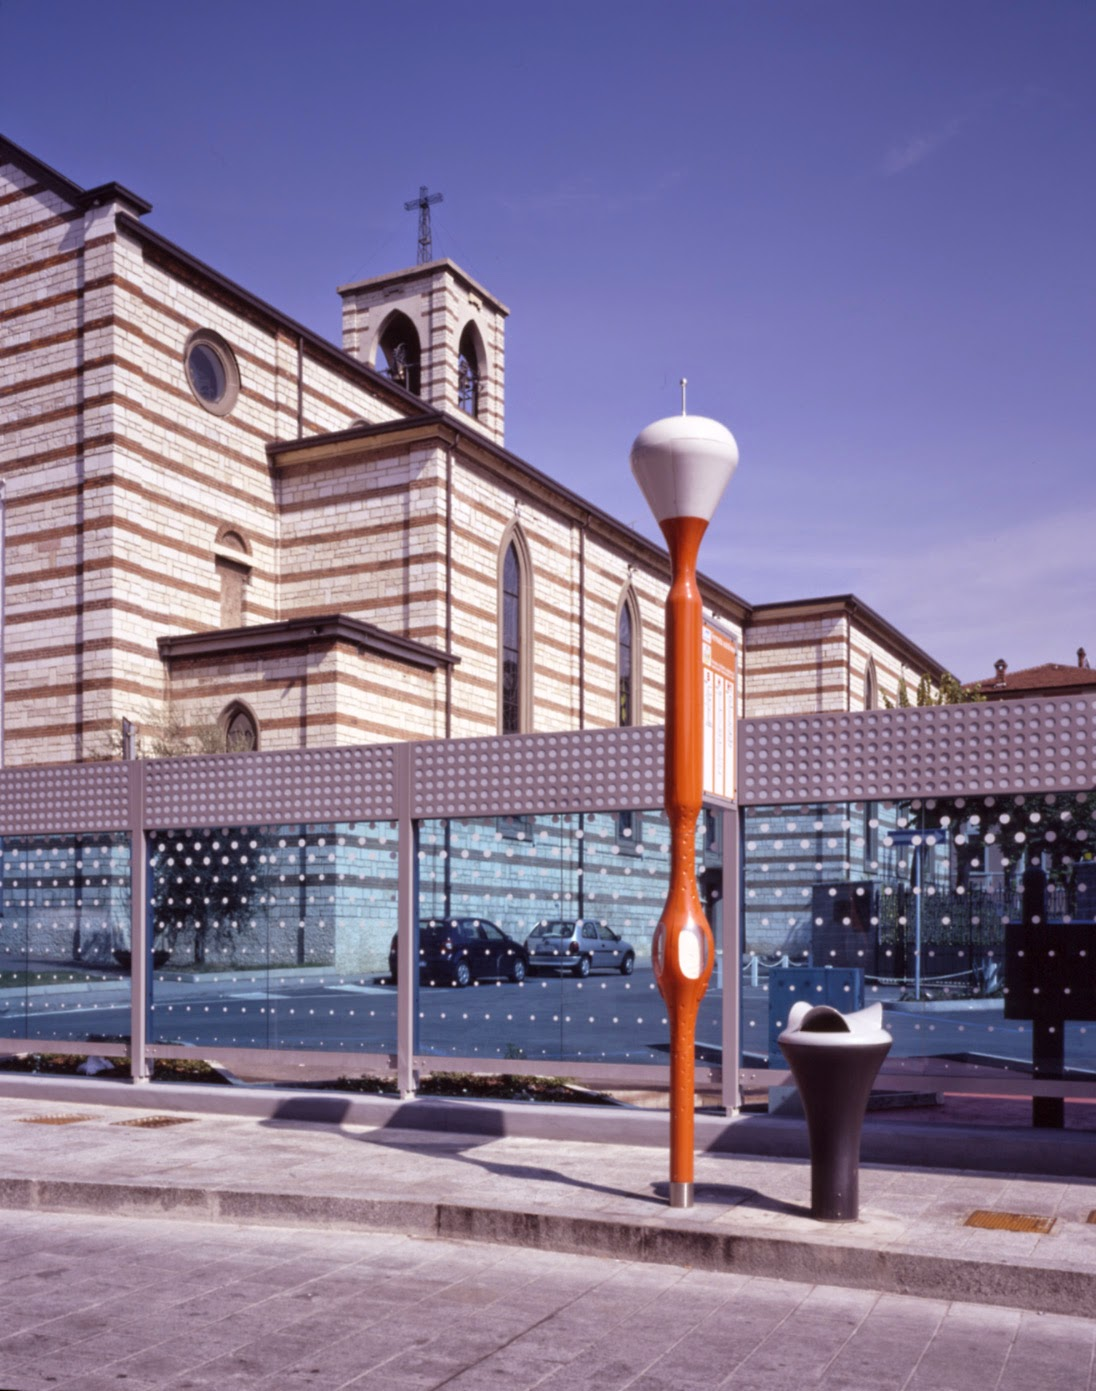 Brescia - In collaborazione con l'Arch. Italo Rota